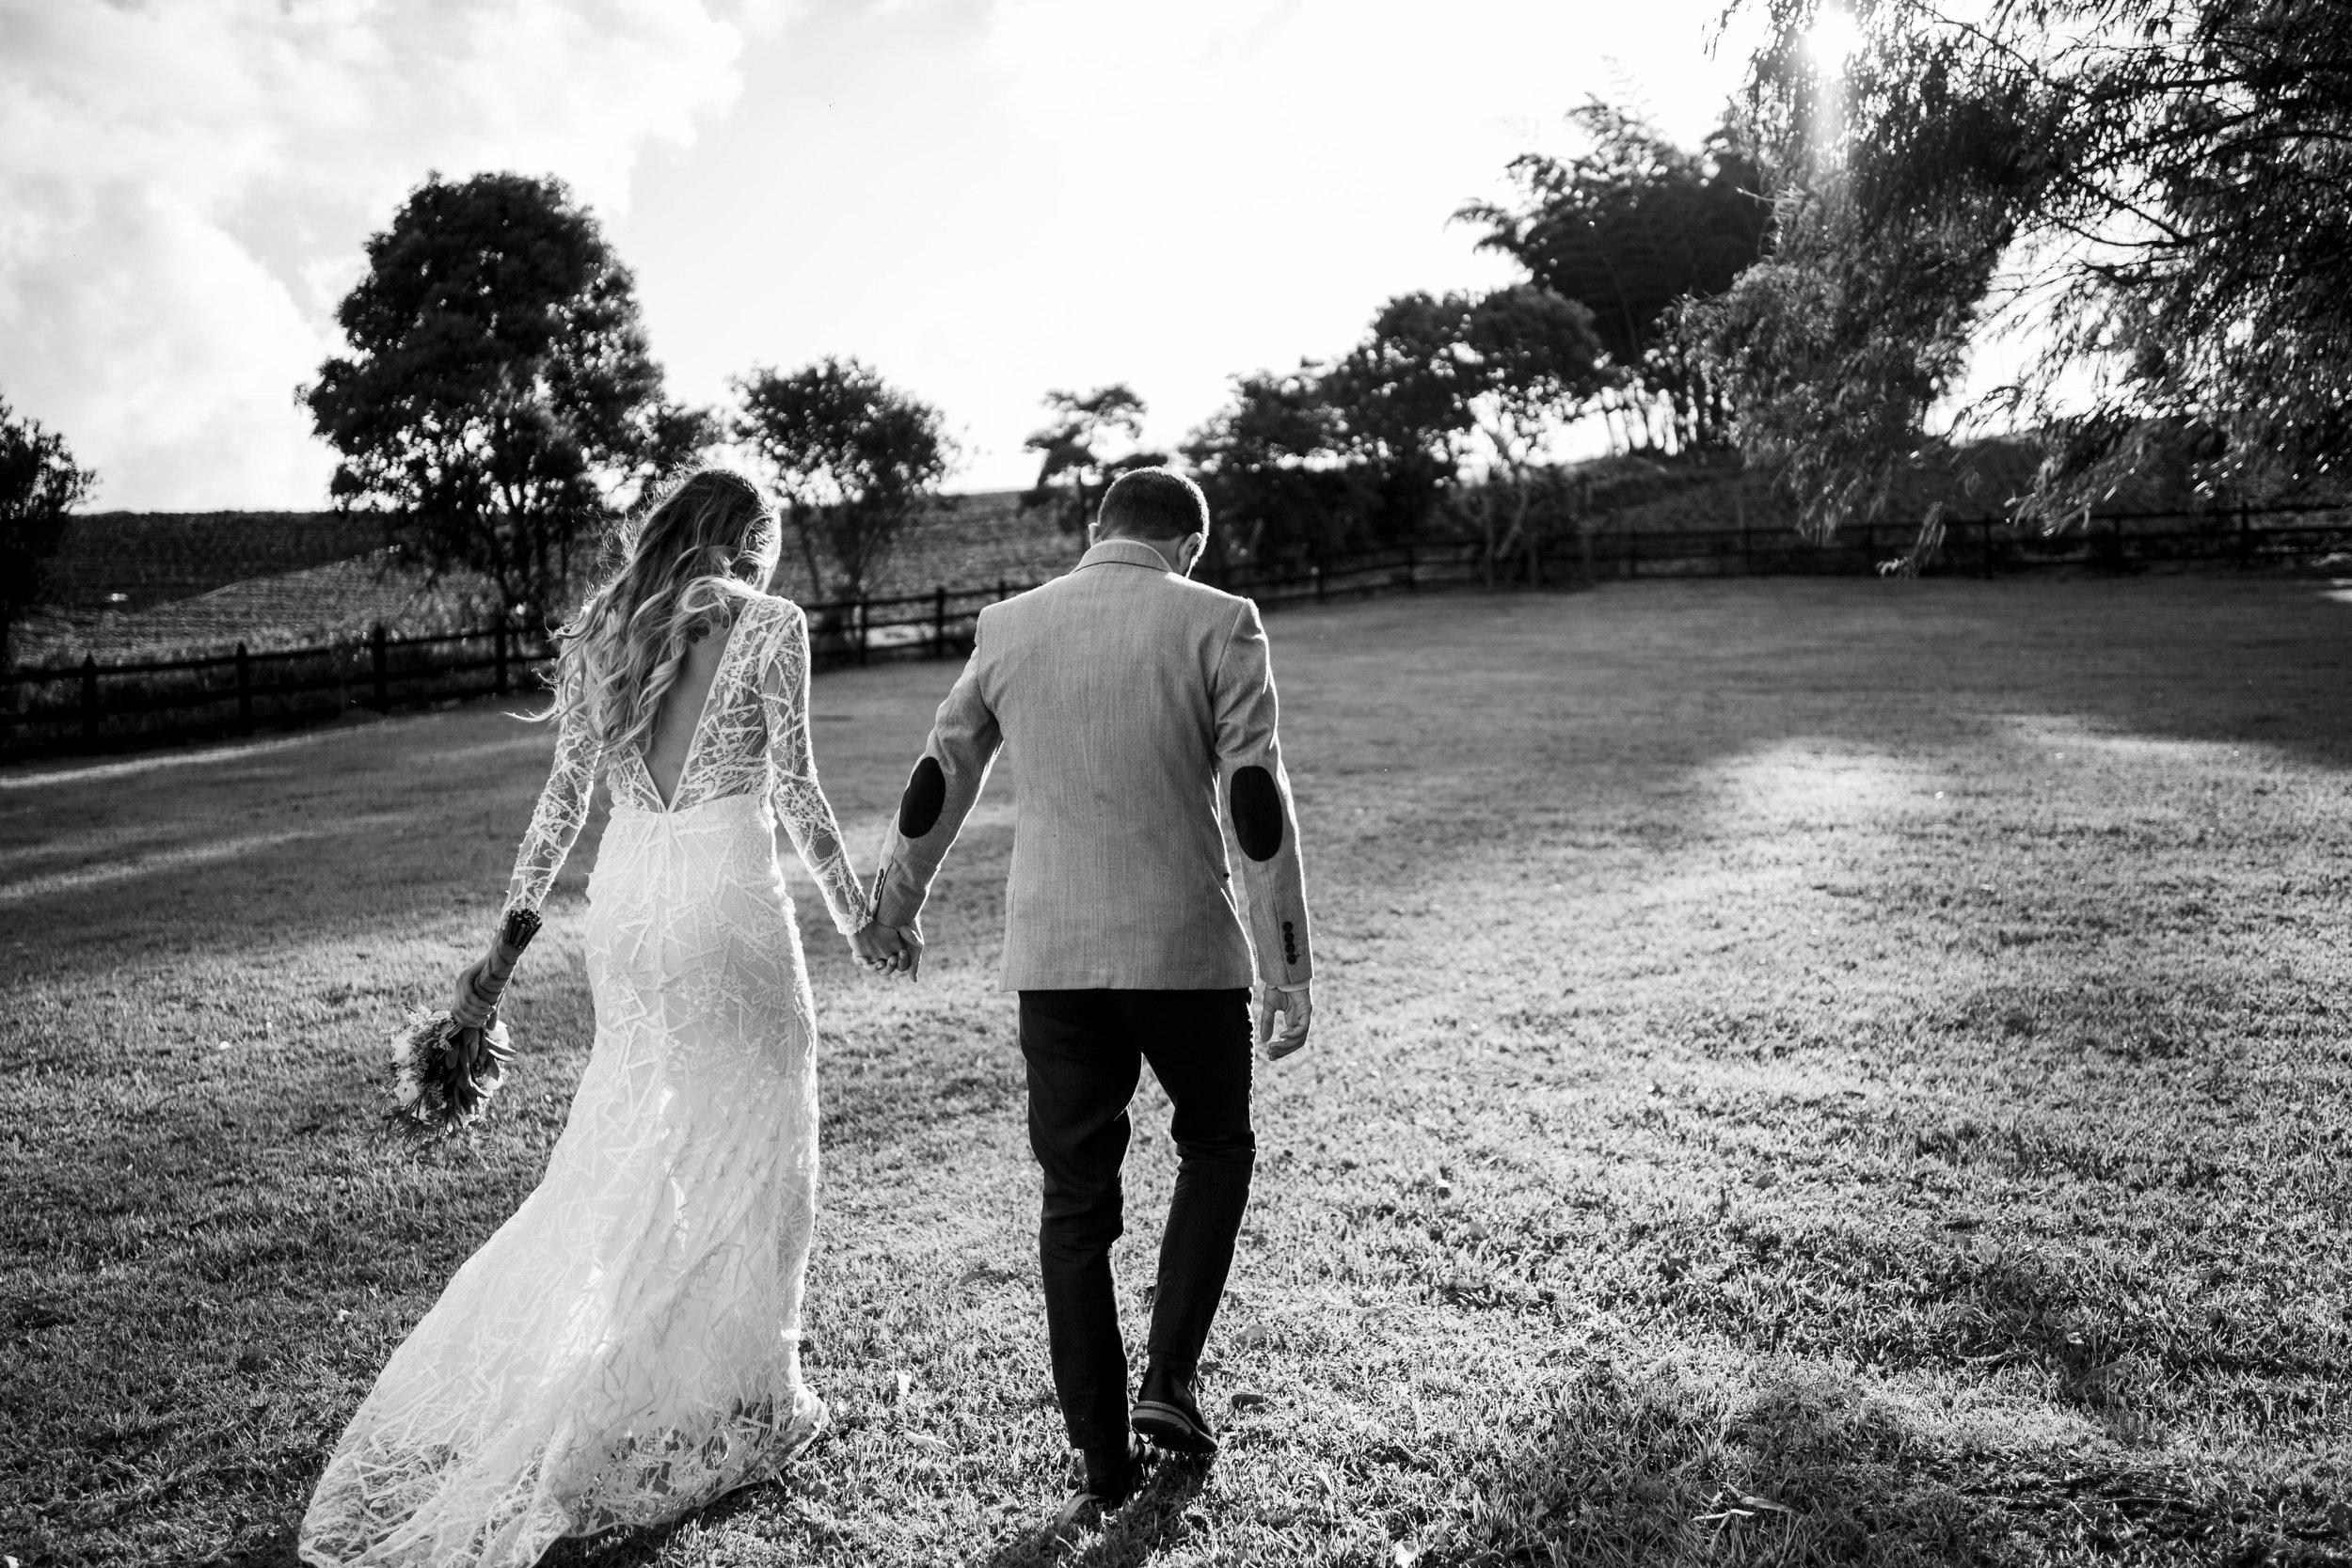 Quiénes somos... - Un equipo de profesionales apasionados por nuestro trabajo, nos encanta la fotografía como forma de contar historias, la luz natural es nuestra herramienta más preciada.Nos gusta registrar esos pequeños momentos que suceden en las bodas de una forma estética y moderna, sacando la esencia de nuestros clientes para que sus fotos sean naturales y auténticas.